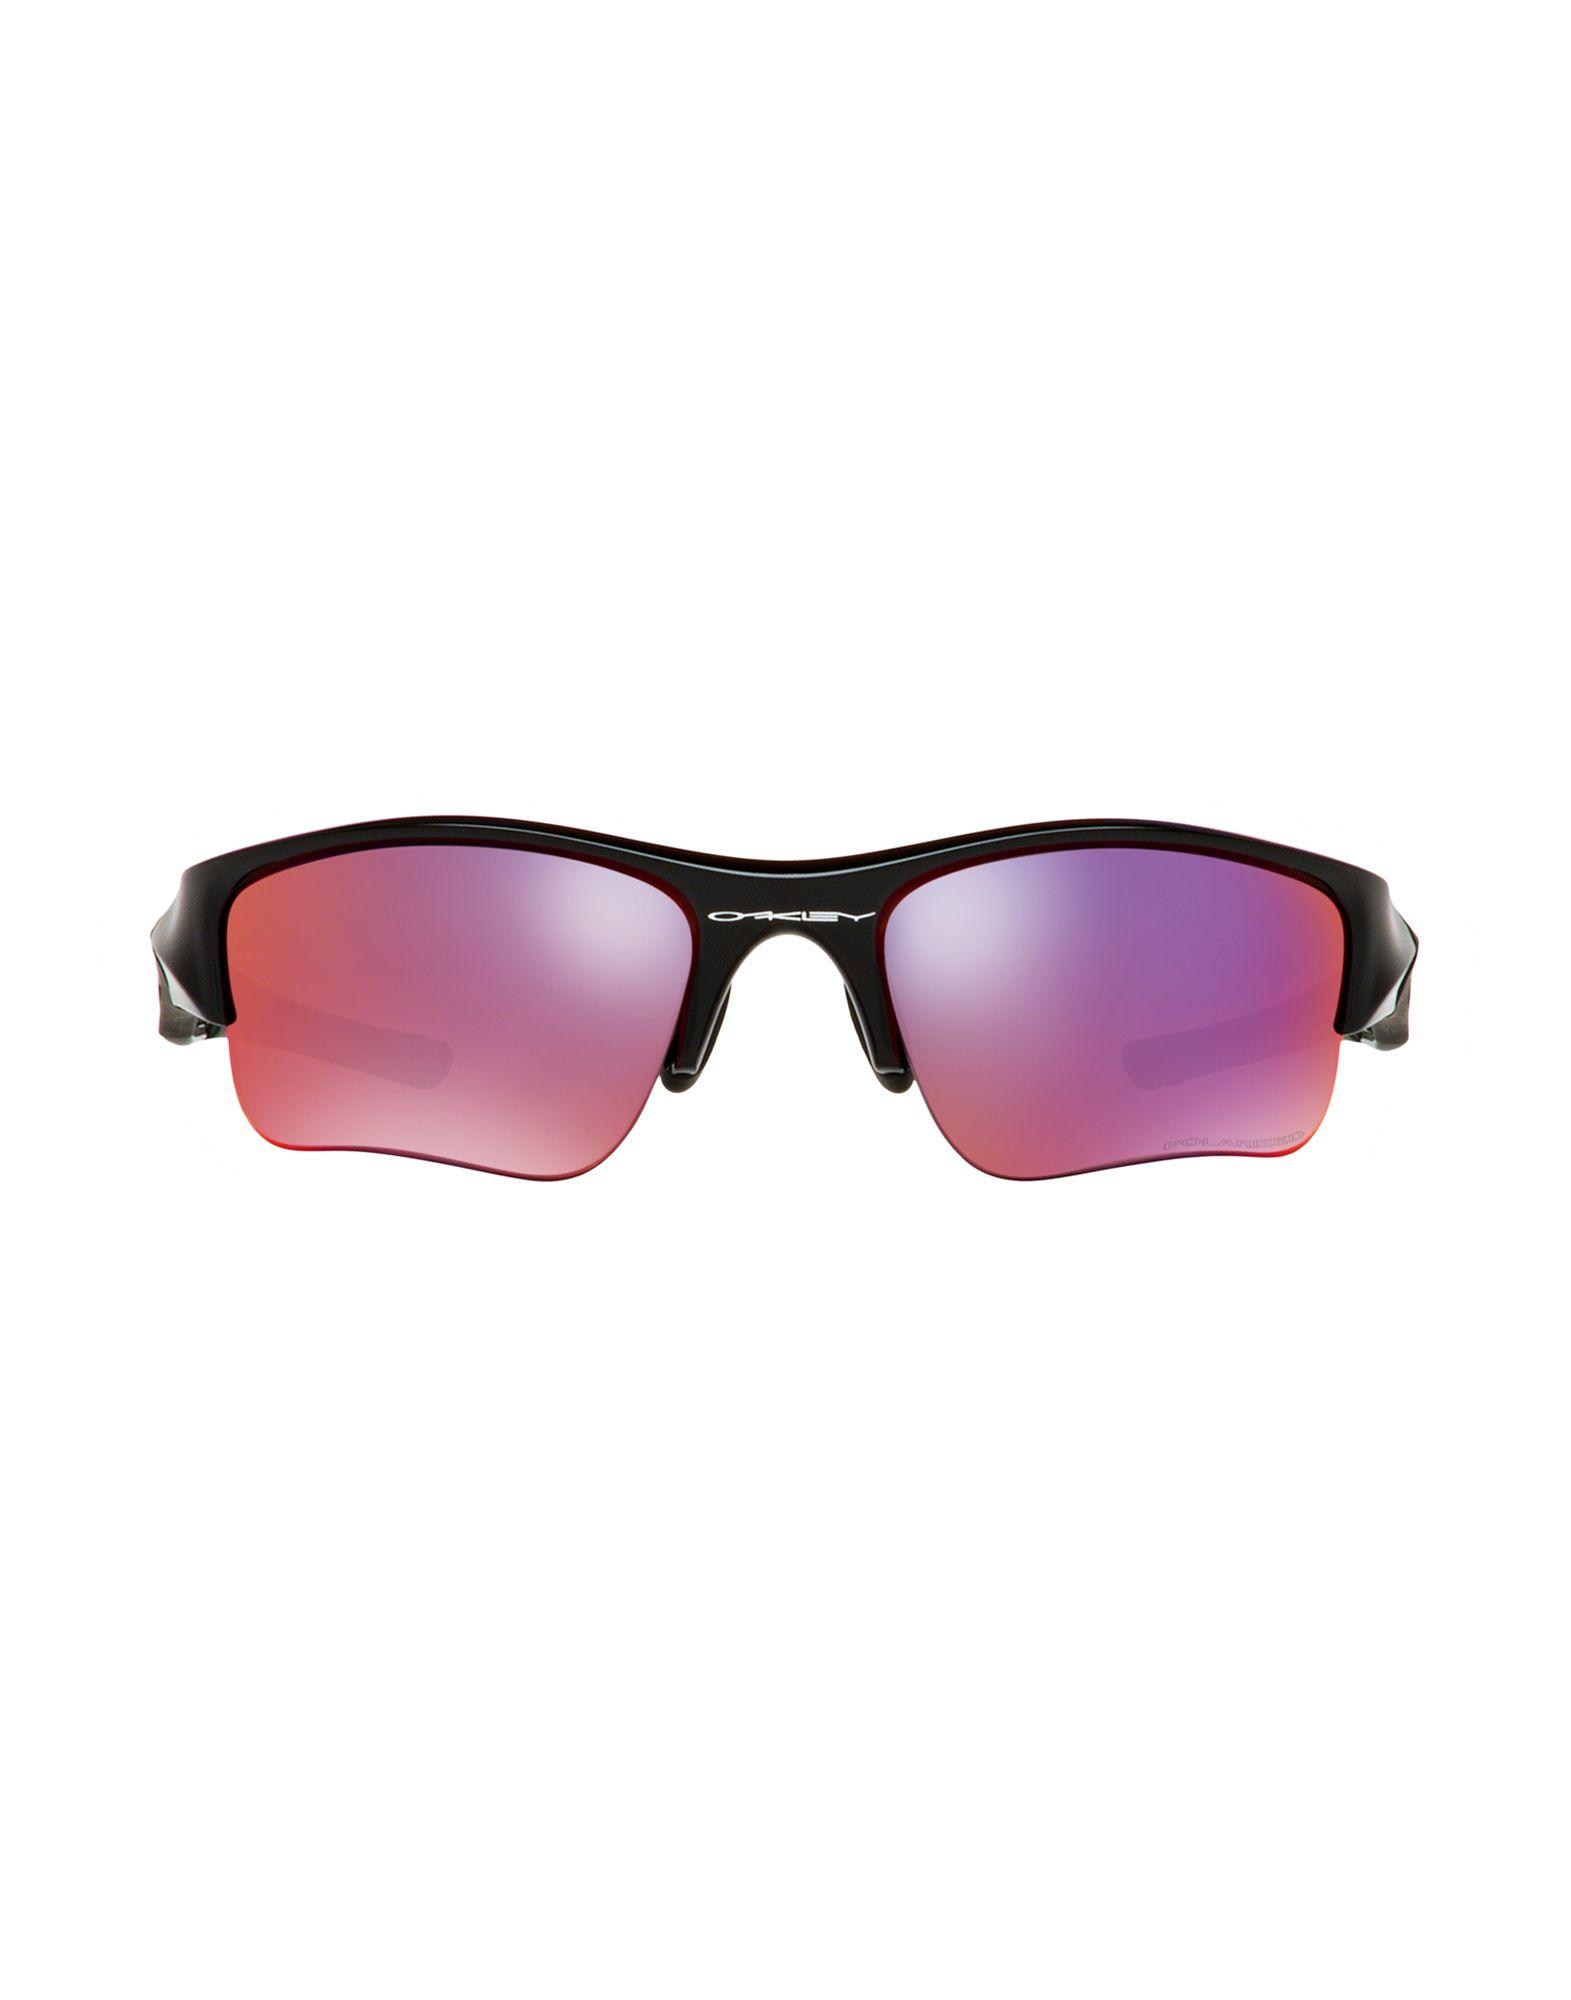 04e308edea7 Oakley Purple Sunglasses For Men « Heritage Malta